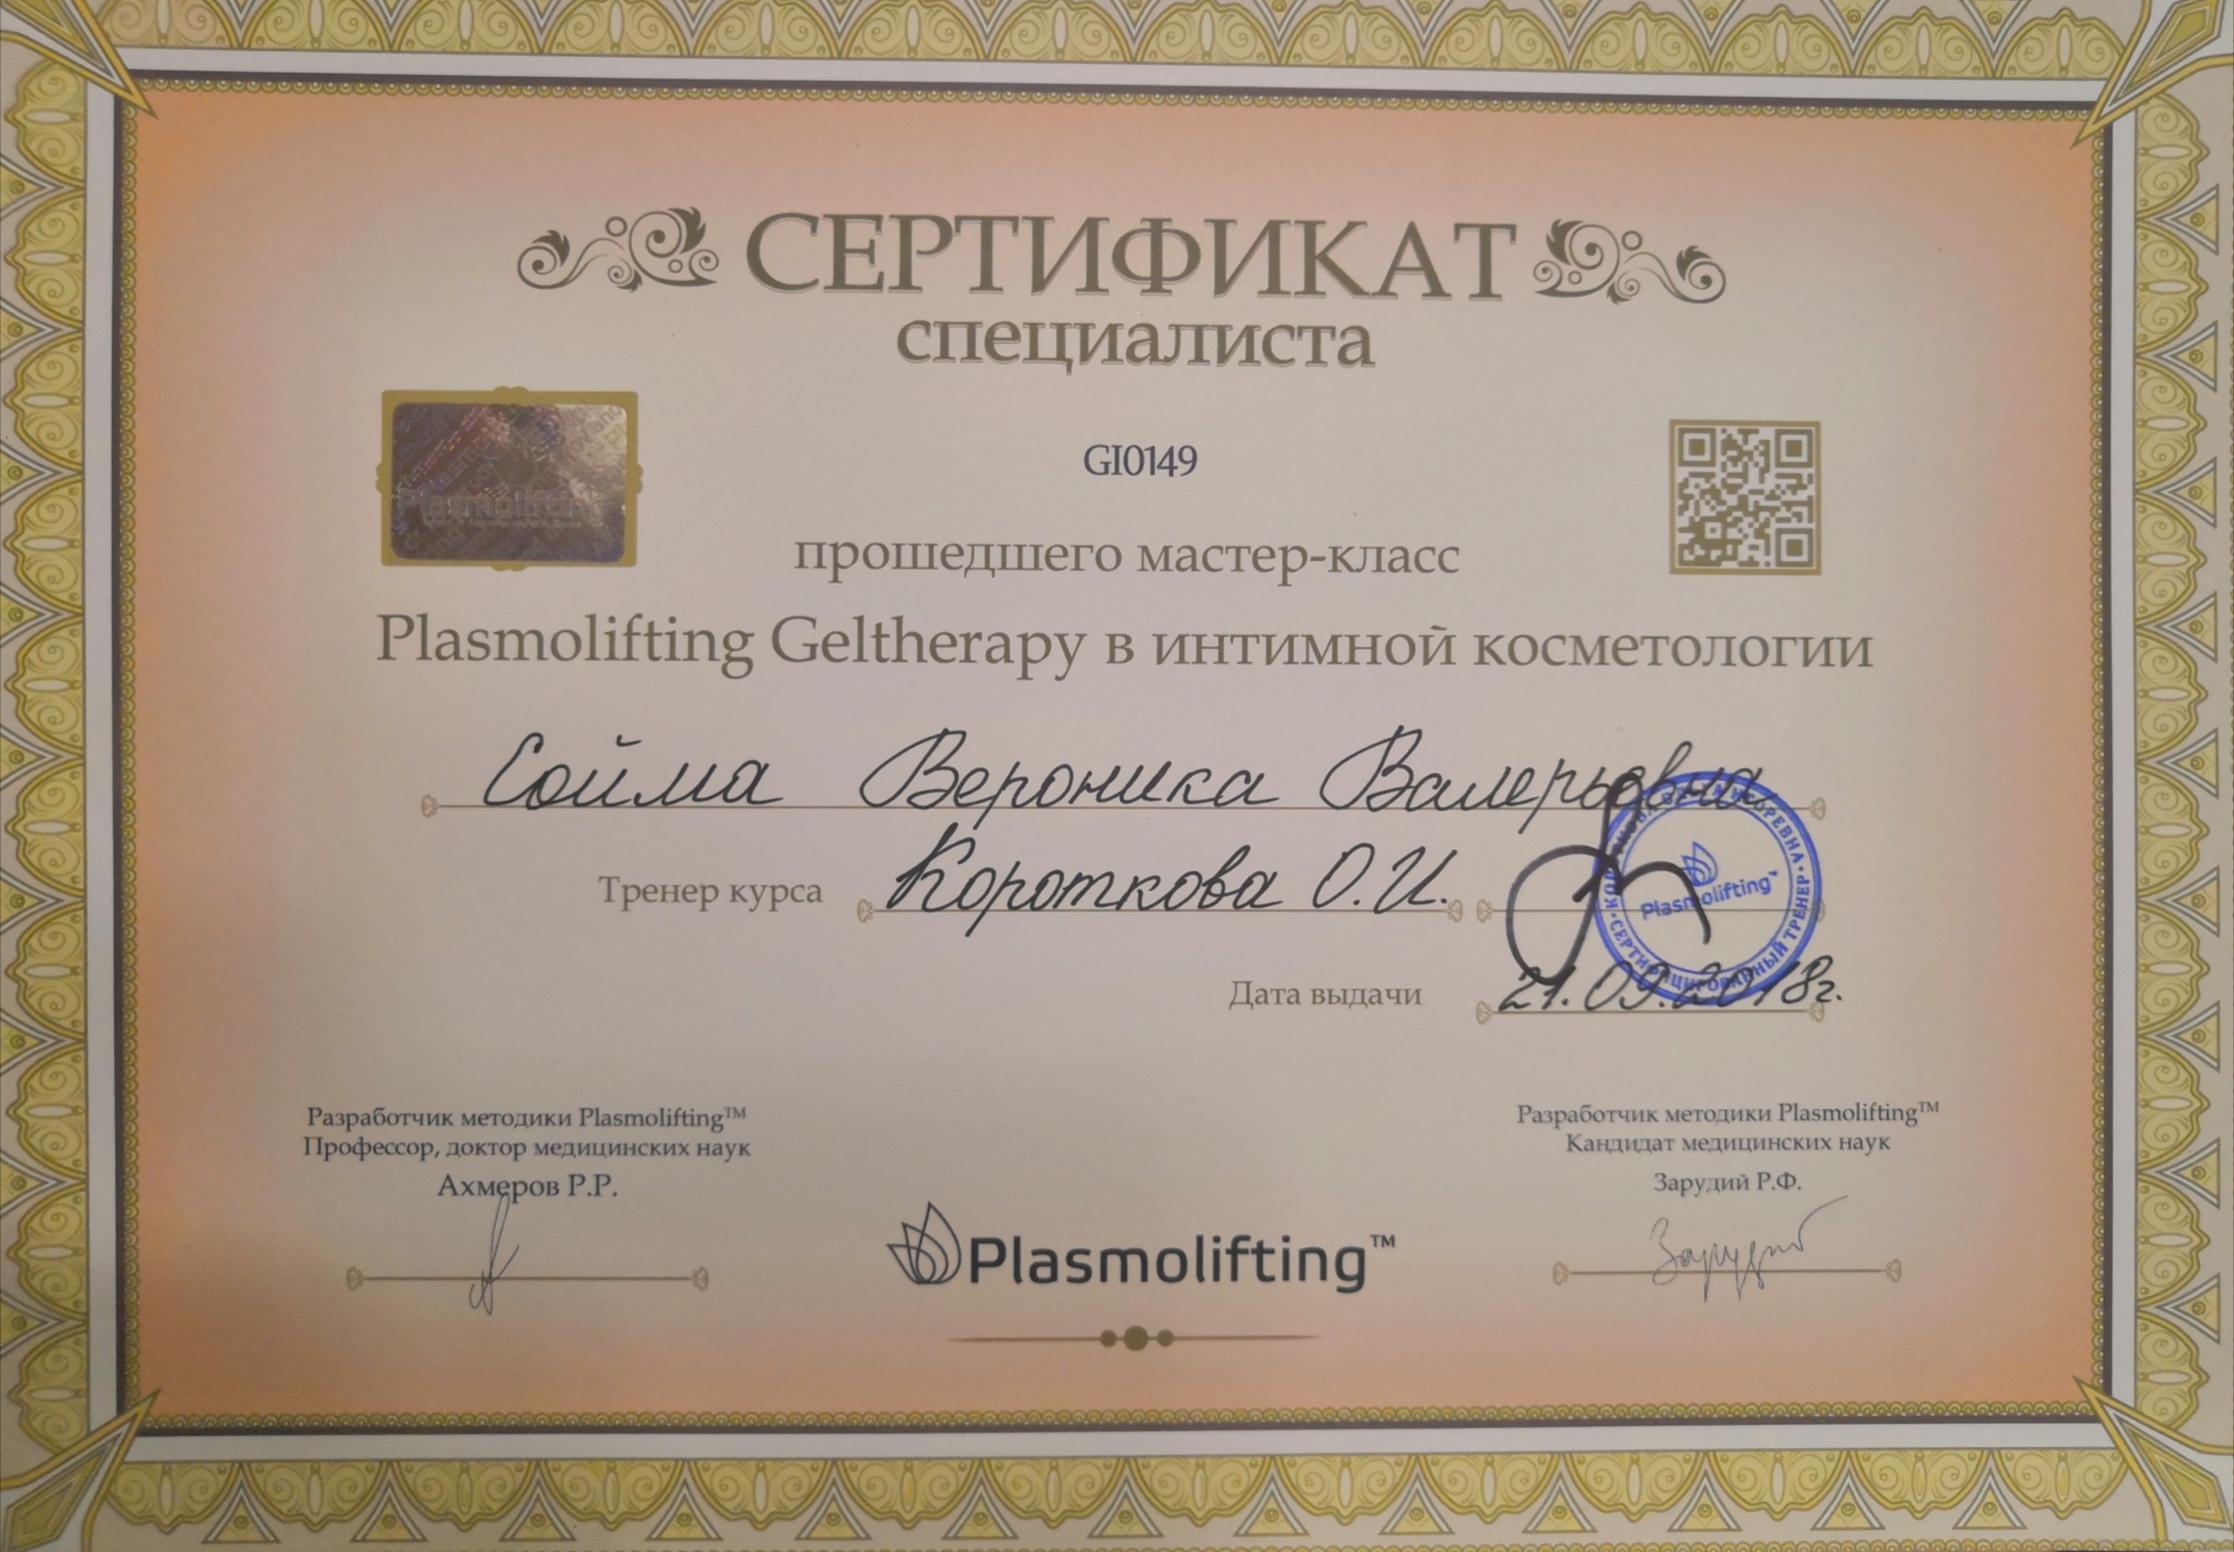 2018, Plasmolifting Geltherapy в интимной косметологии